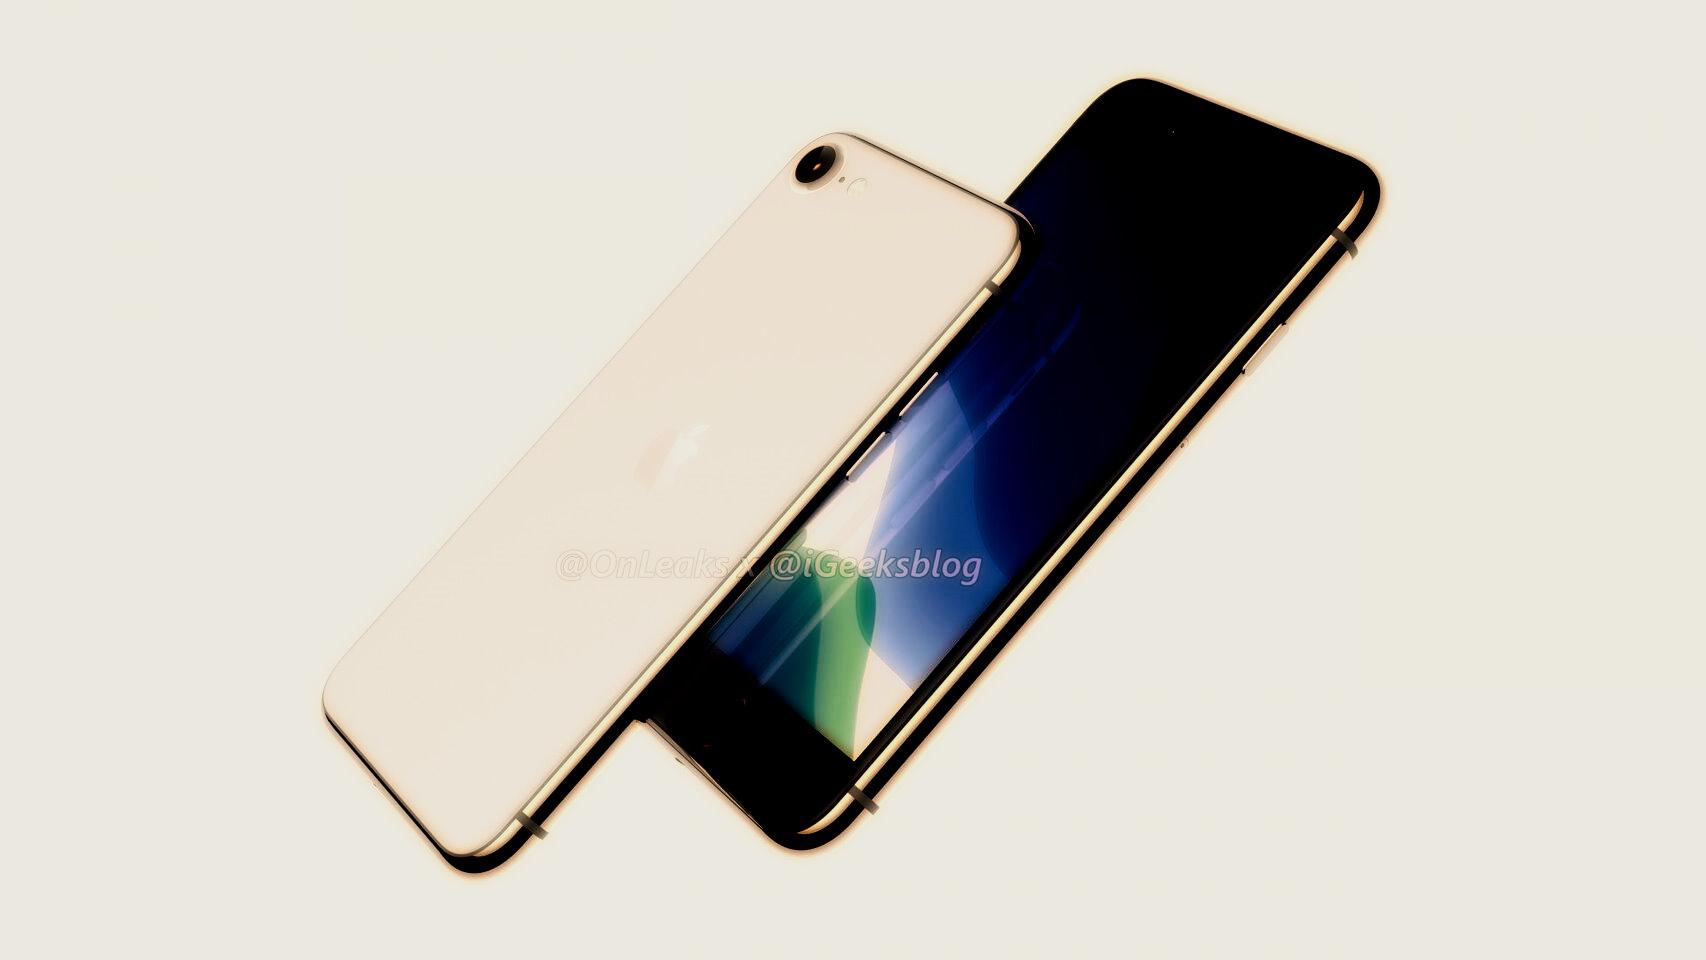 El iPhone 9 se retrasa, ¿cómo afectará a Apple la ausencia de un iPhone barato? 30